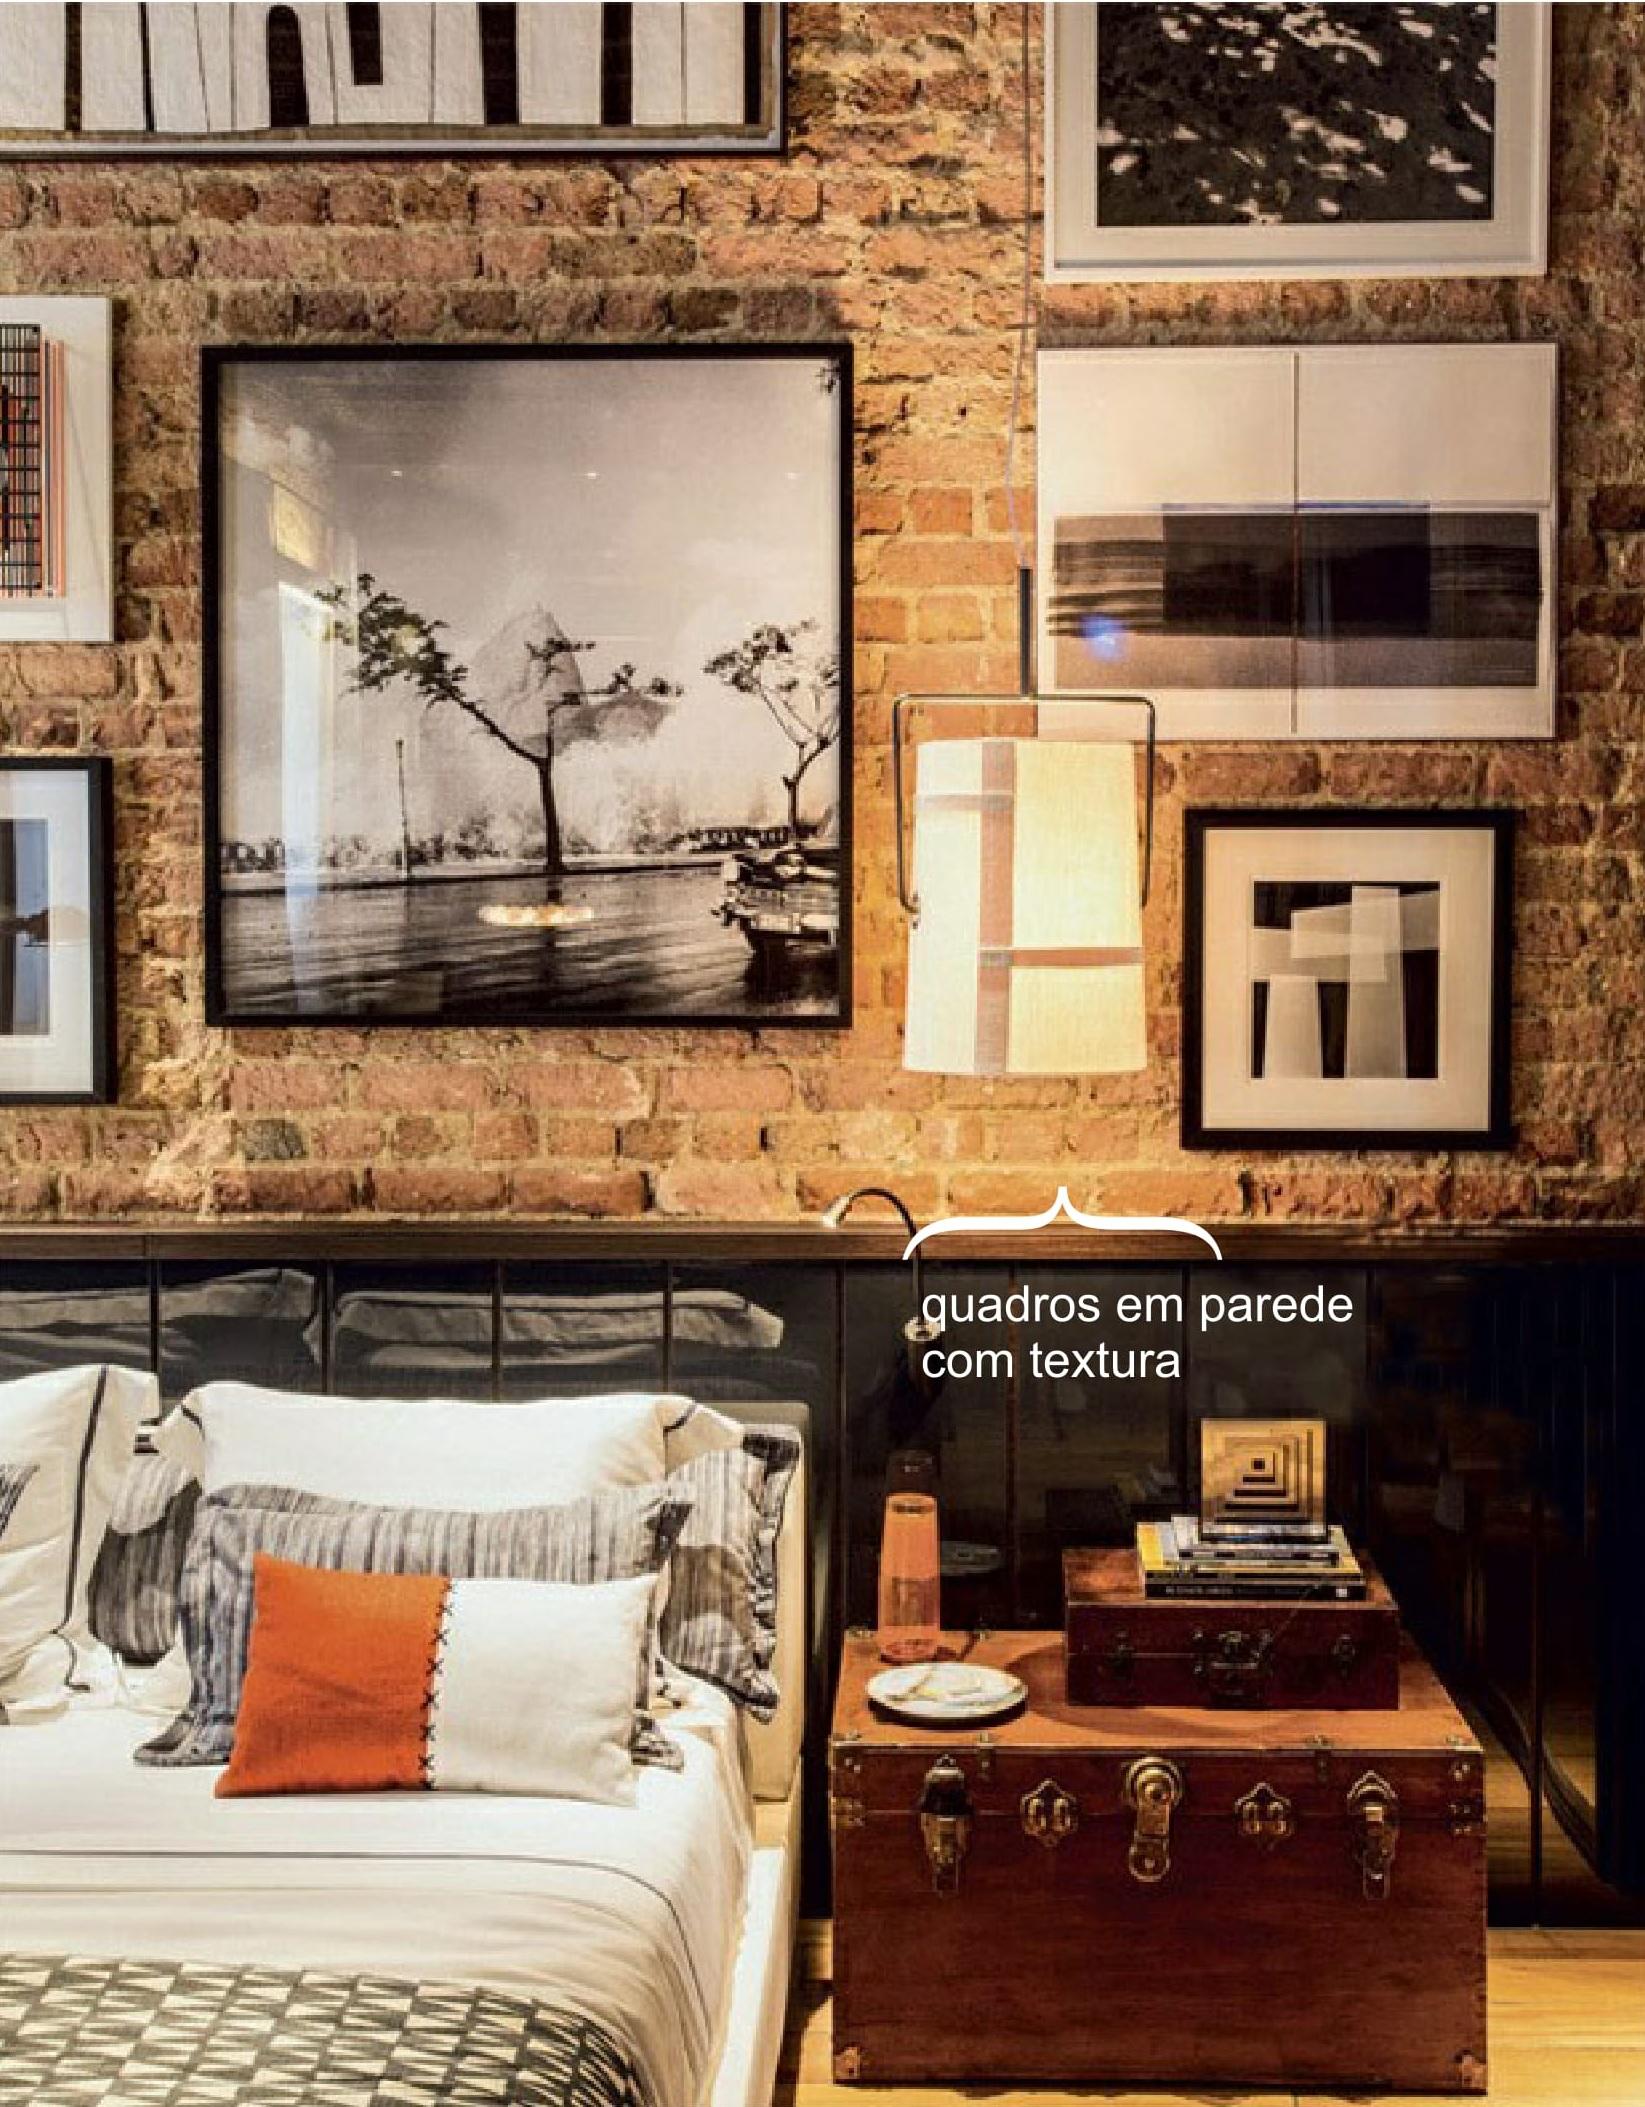 Quadros em parede com textura